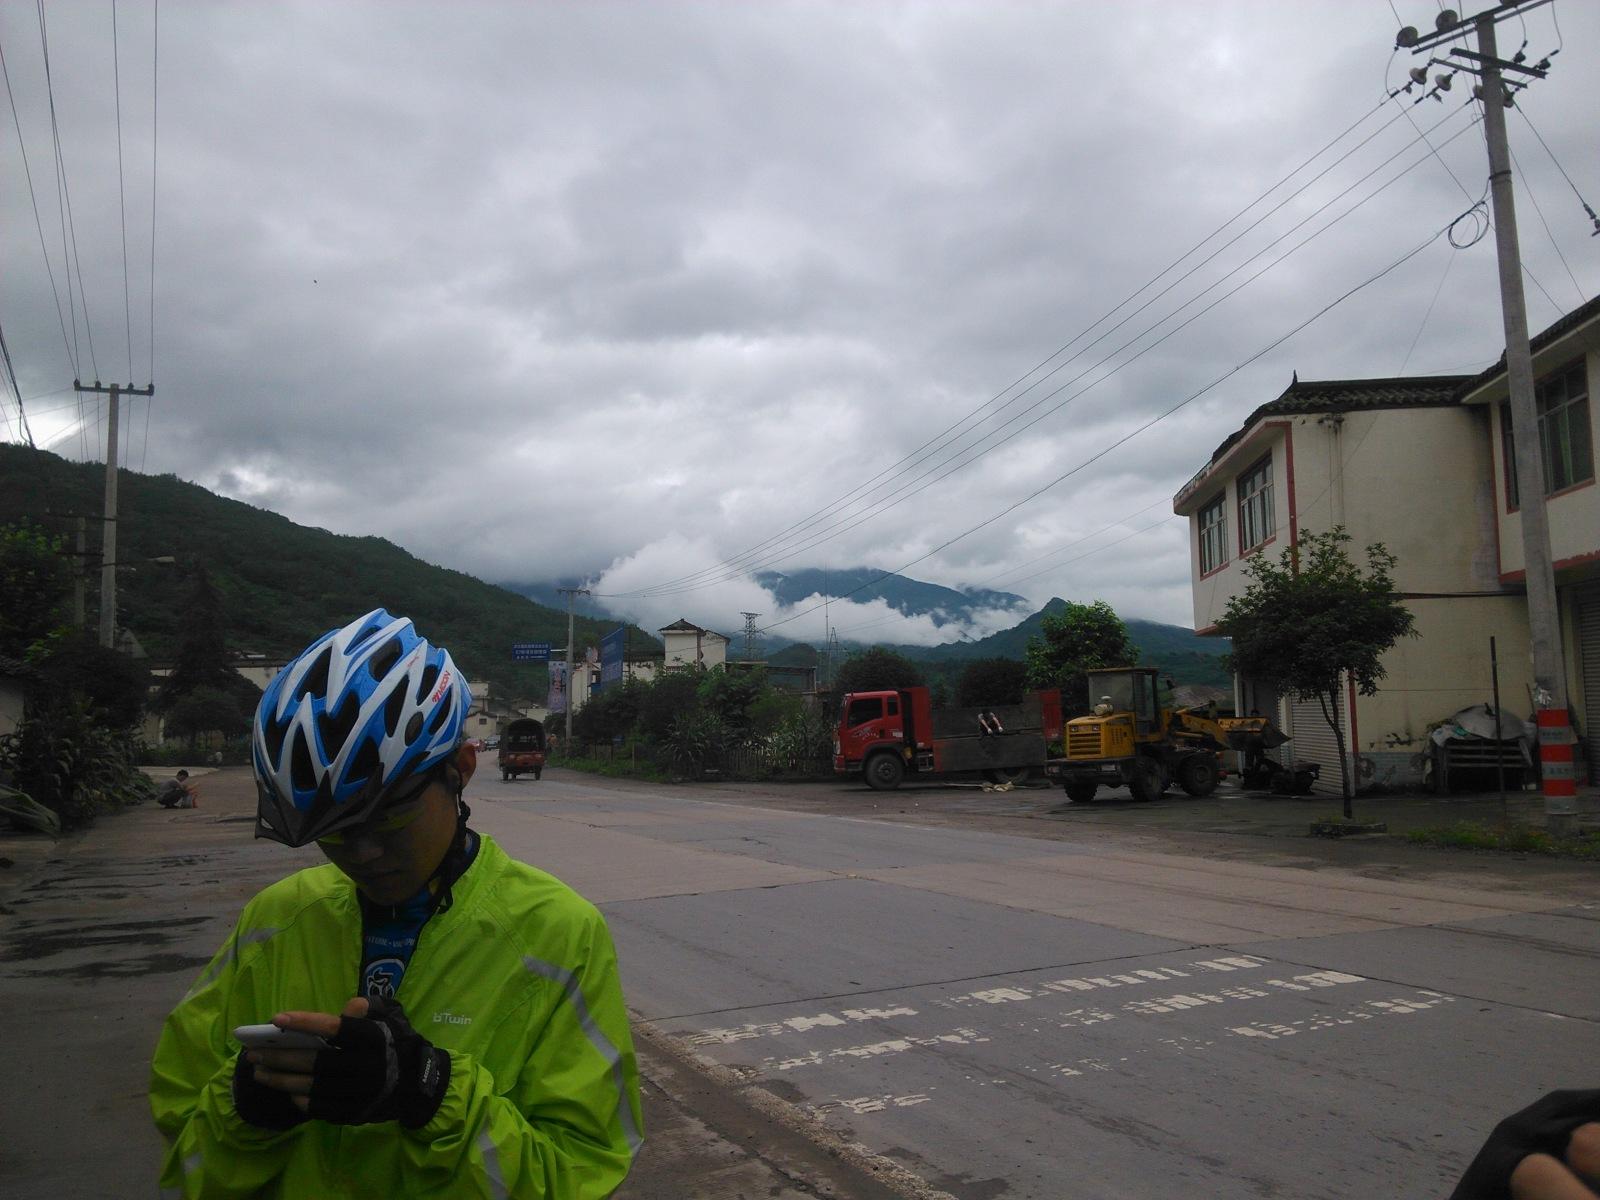 特别喜欢这种云缠绕在山腰的景象:-)